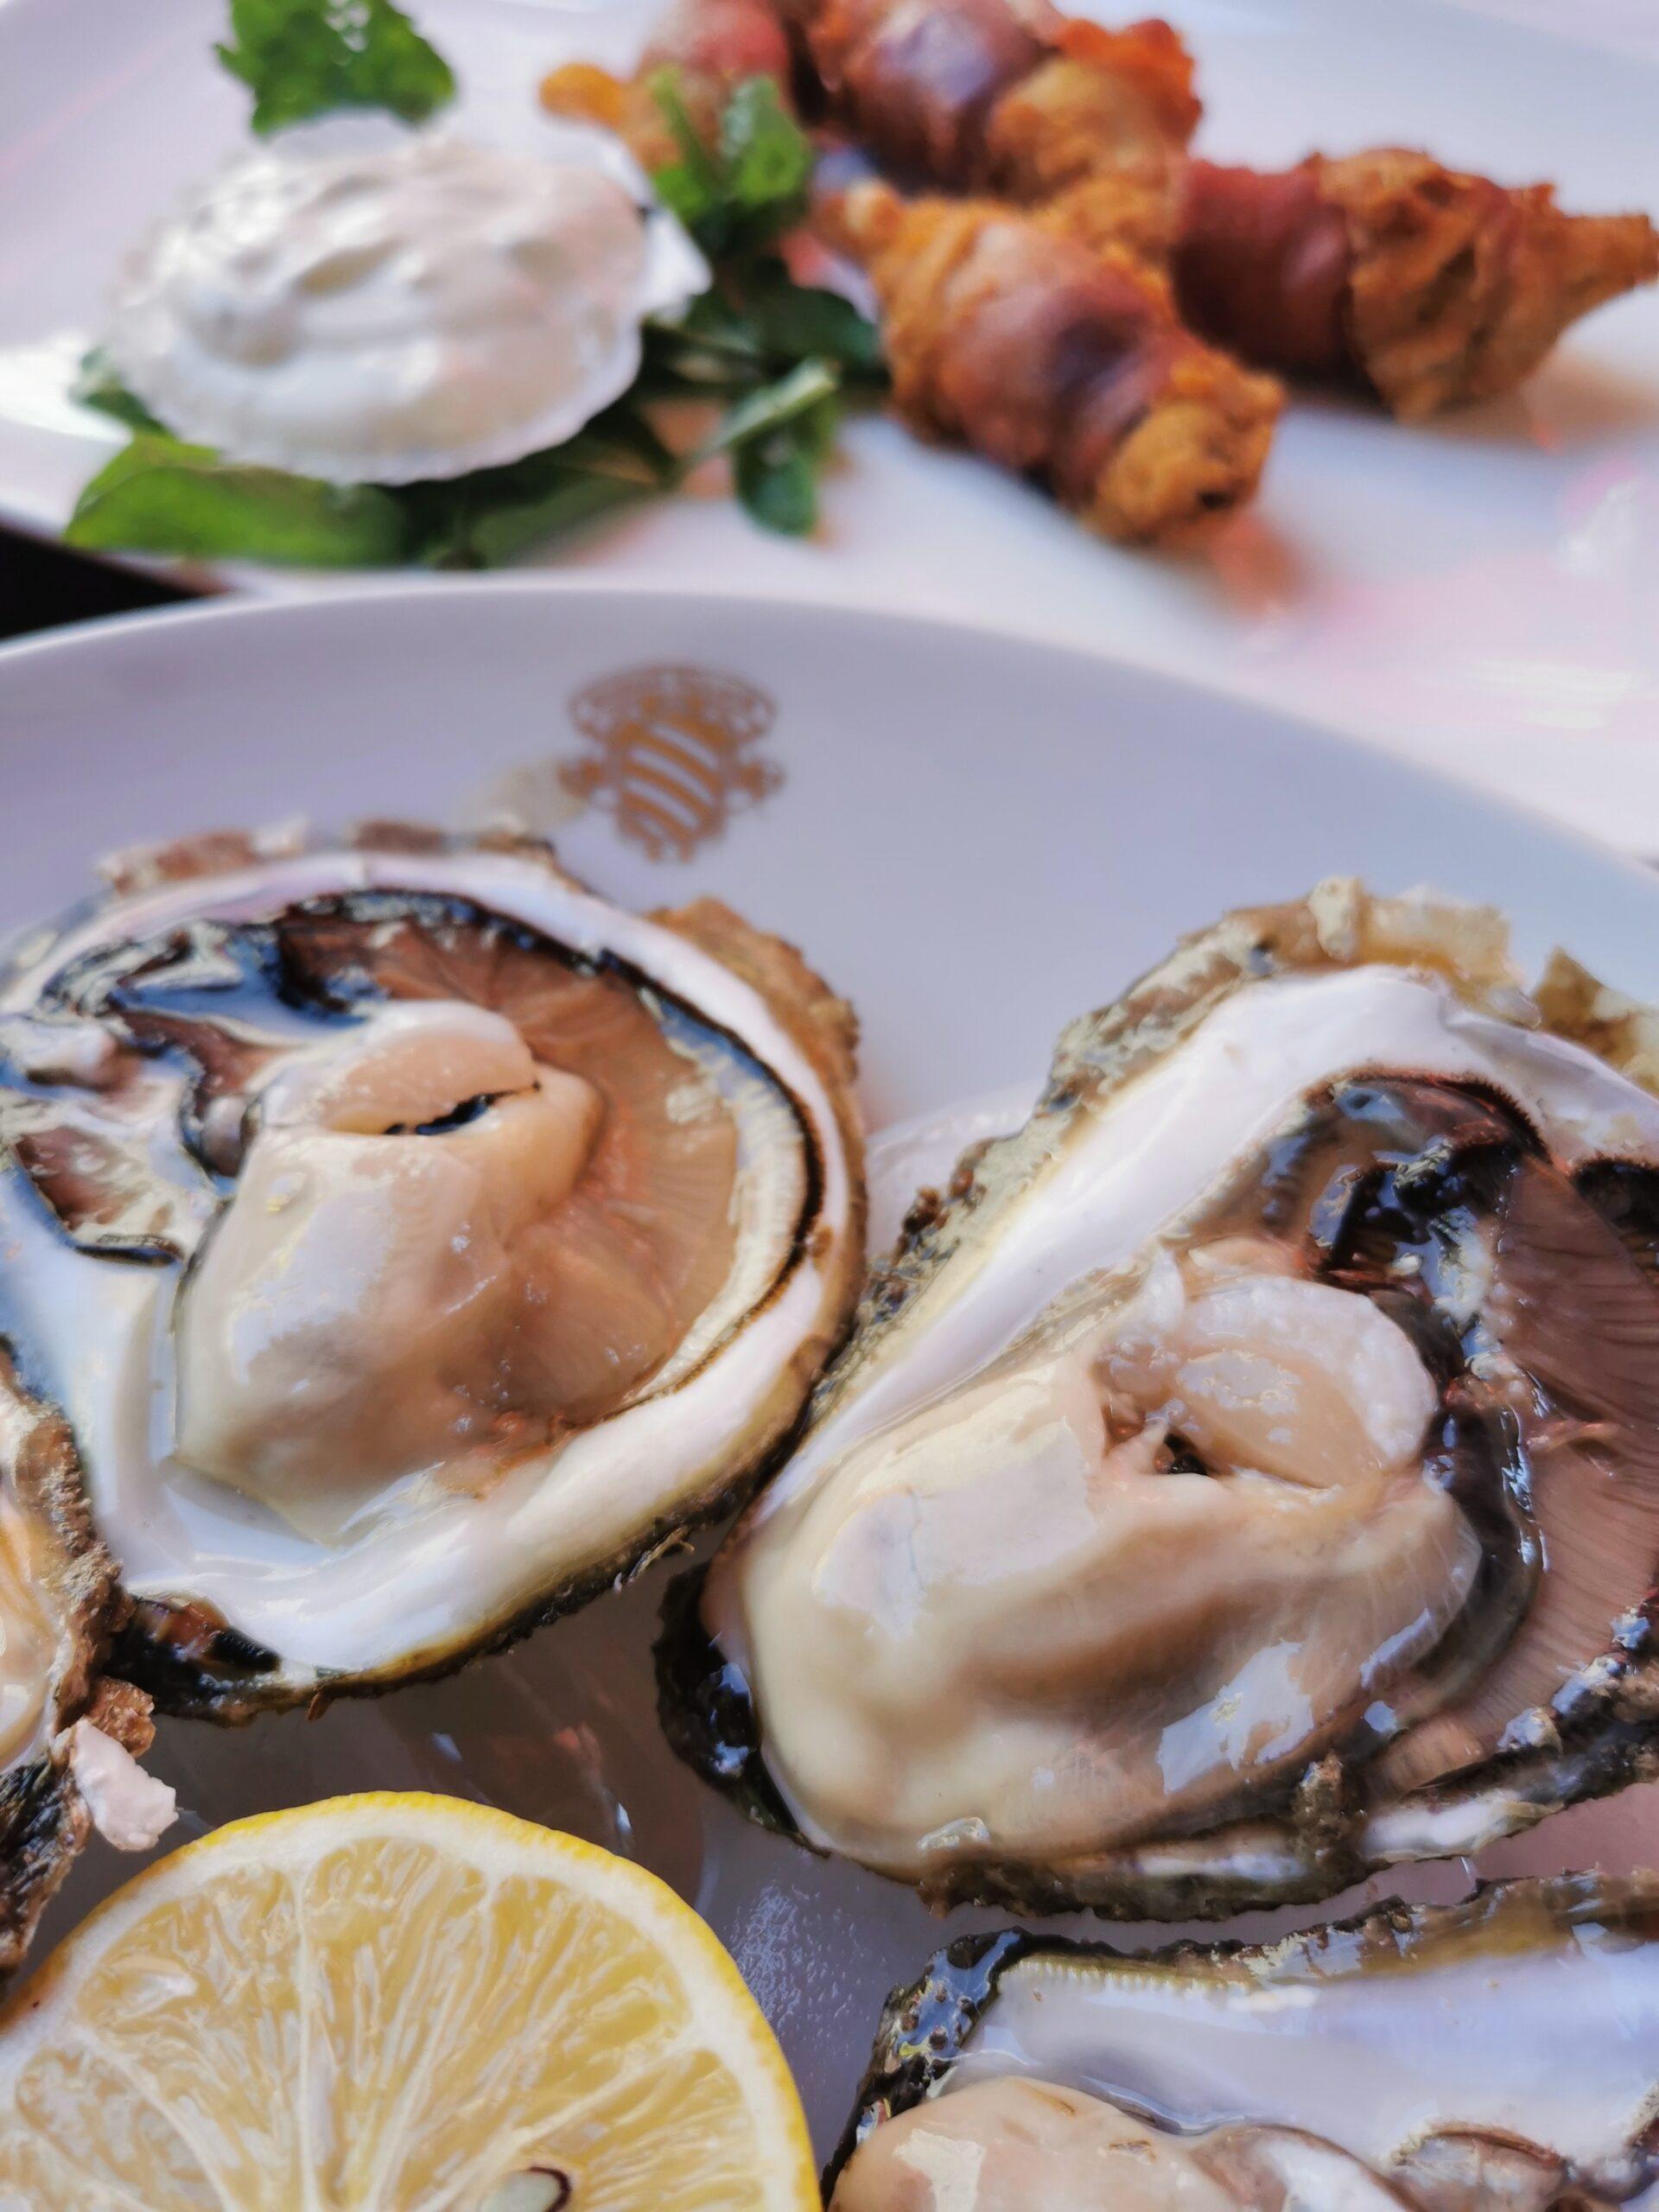 mali ston oyster